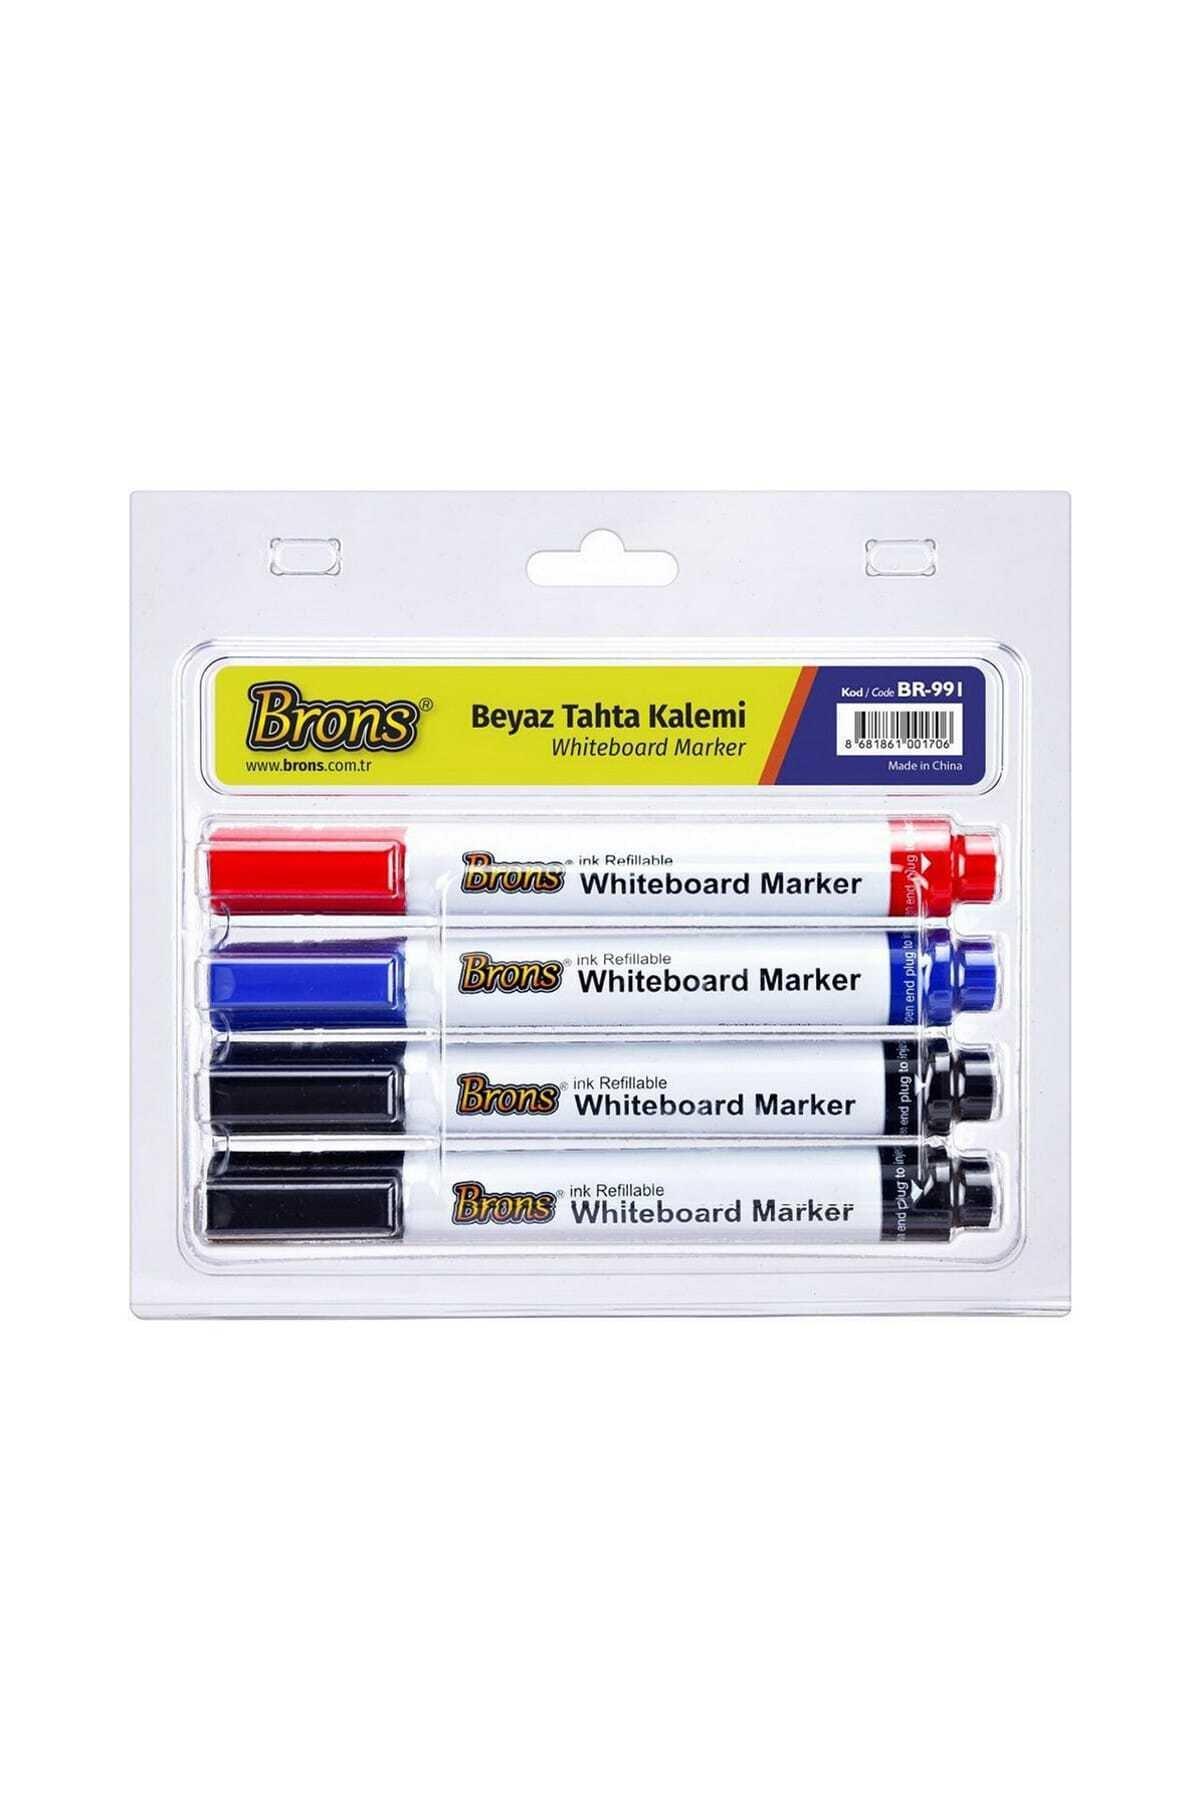 Brons Doldurulabilir Beyaz Tahta Kalemi 4 Lü Set (BR-991) 1